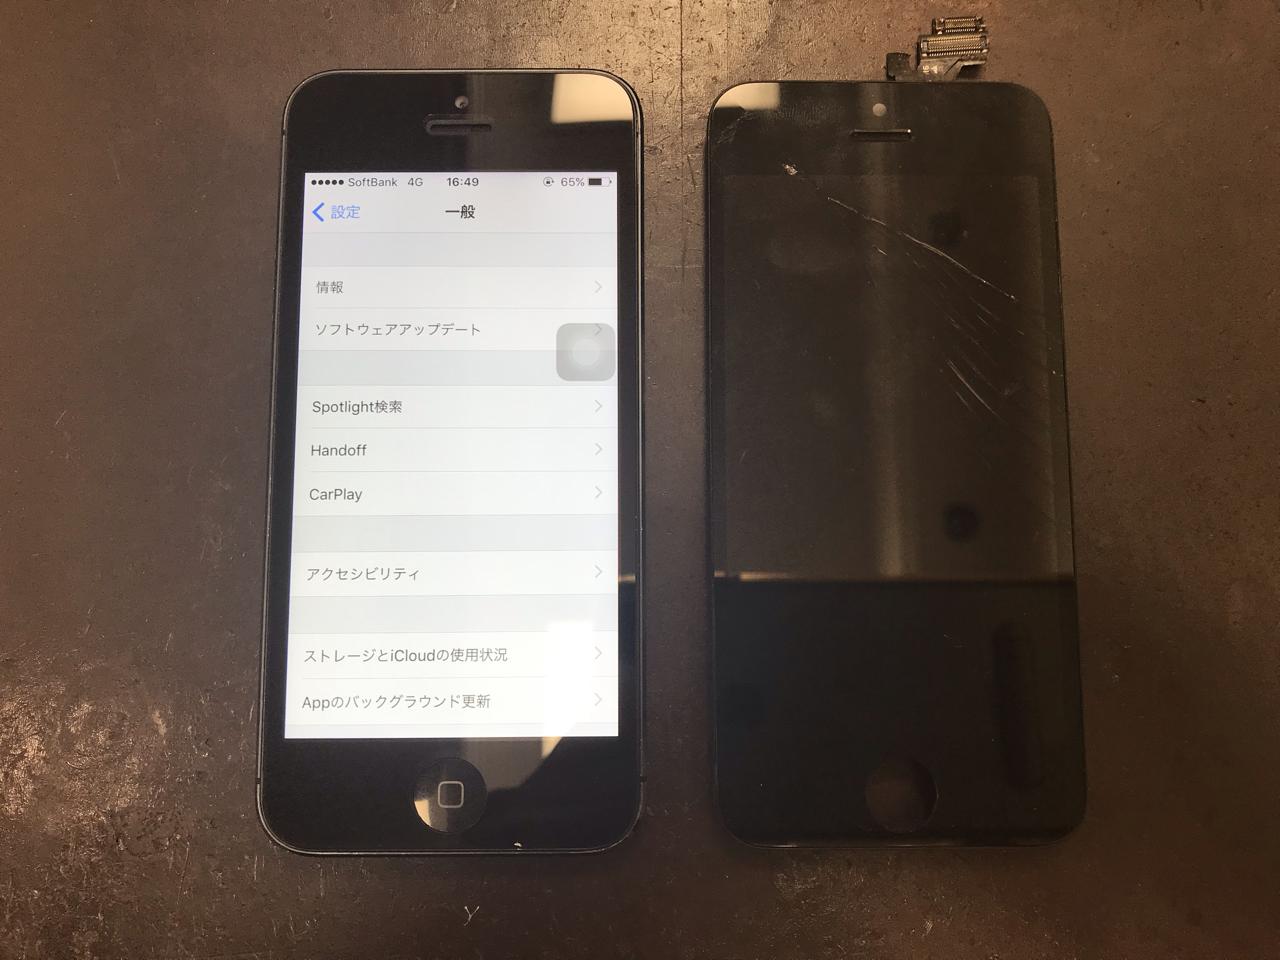 70b3c0f5-5e6e-4166-85f3-deb51068ae9d_1547024450_-1706486472 iPhone5Sのバキバキになった画面効果の修理をしました!